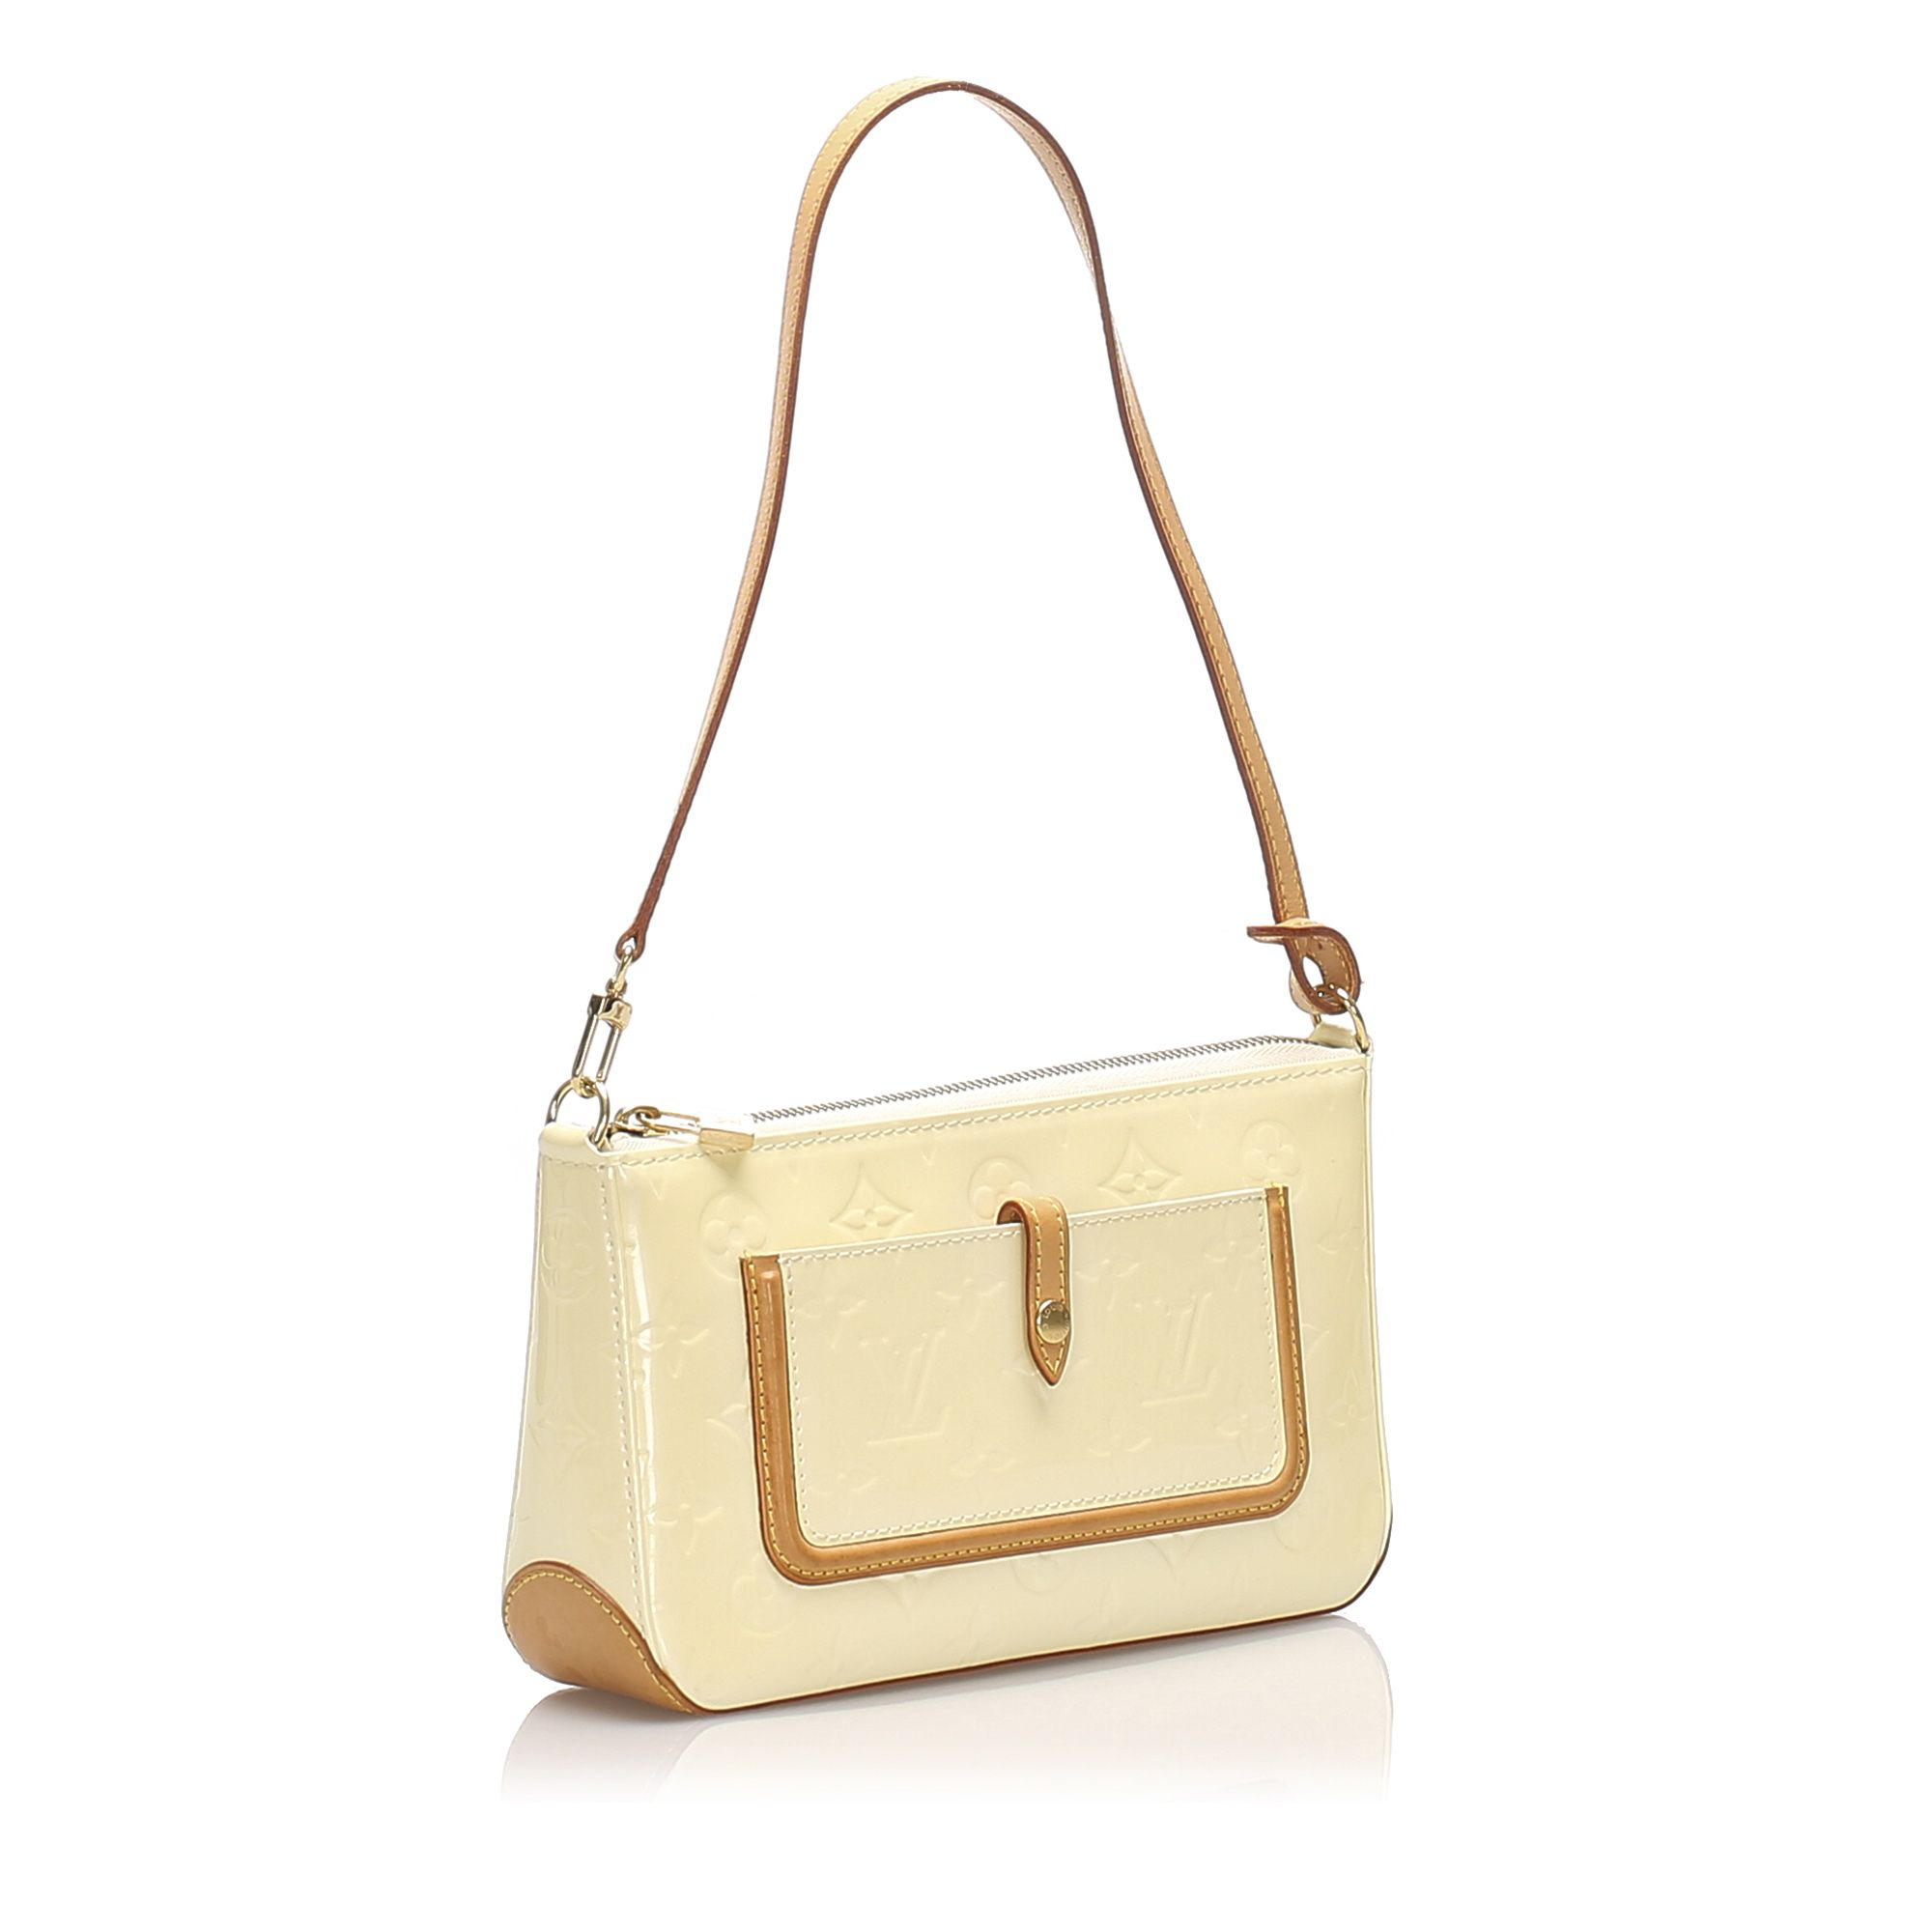 Vintage Louis Vuitton Vernis Mallory White